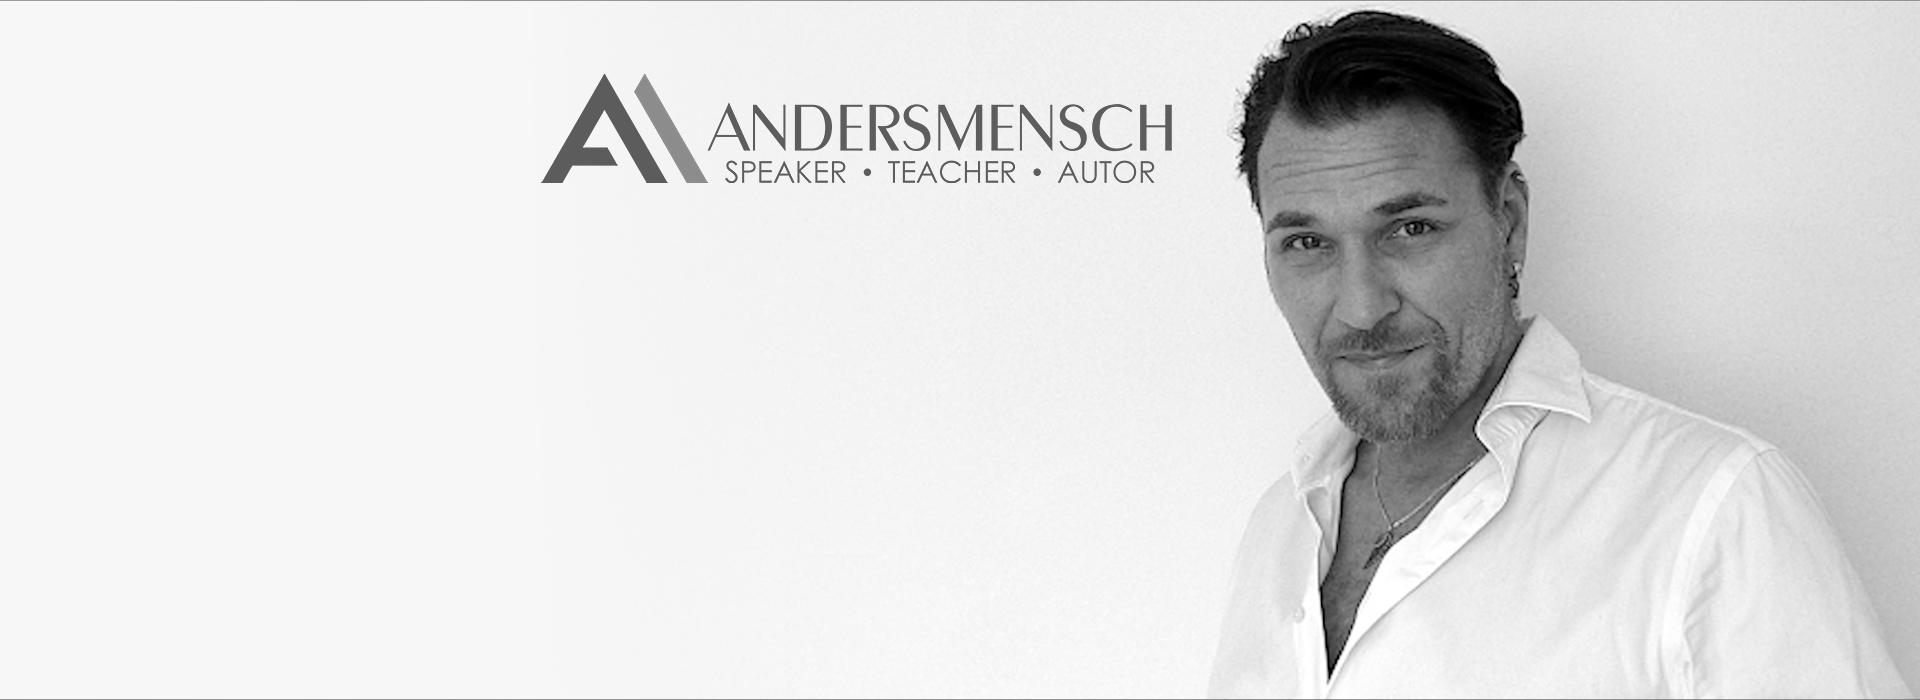 ANDERSMENSCH